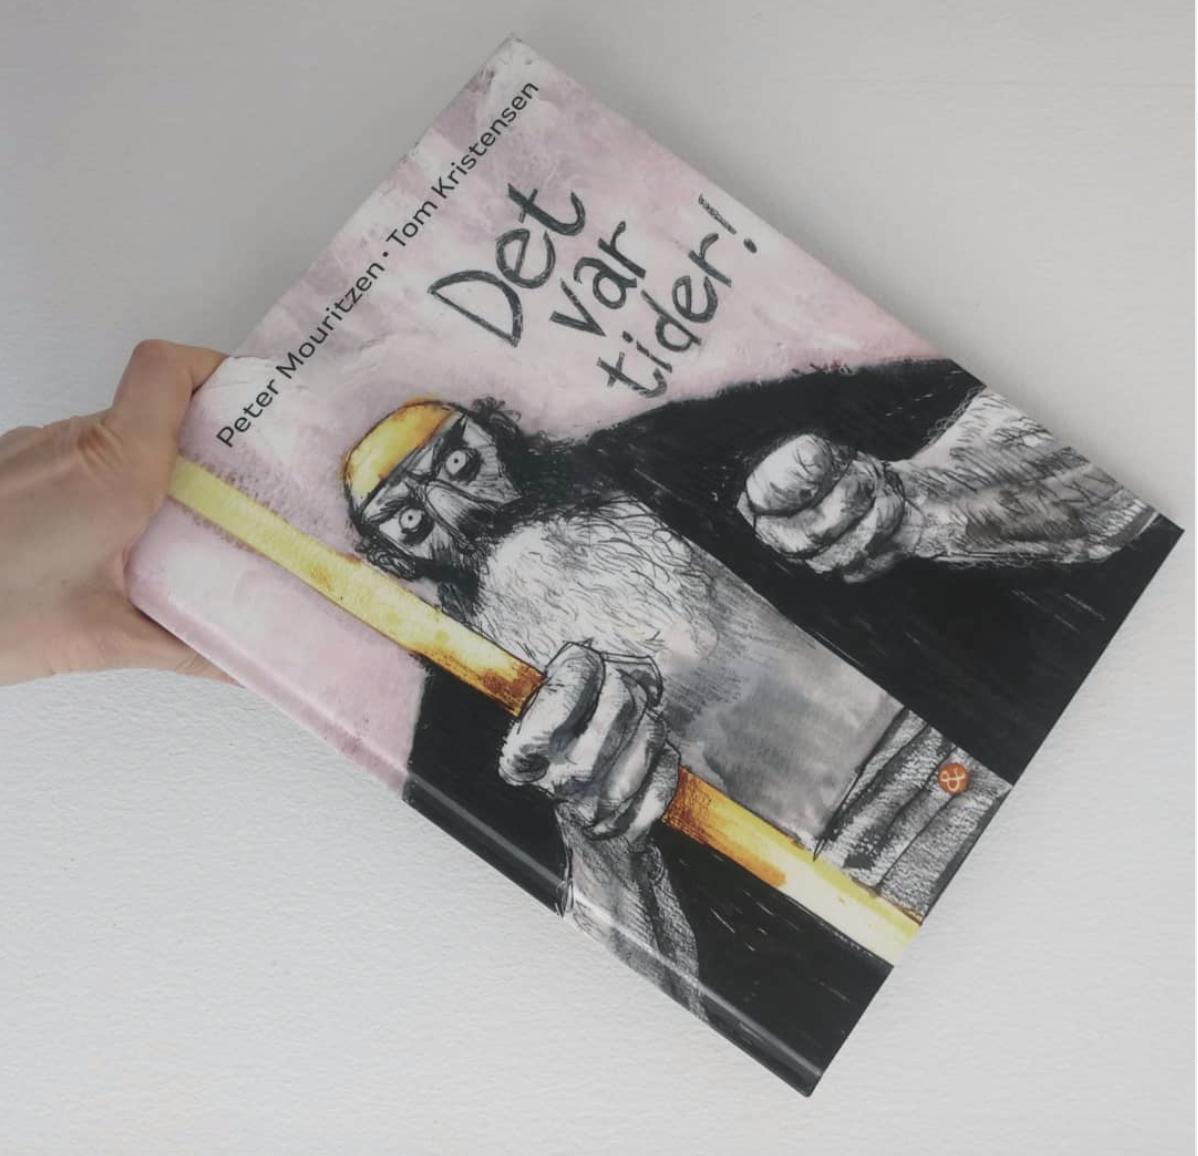 Det var tider! peter mouritzen børnebog højtlæsning jensen & dalgaard kulturmor